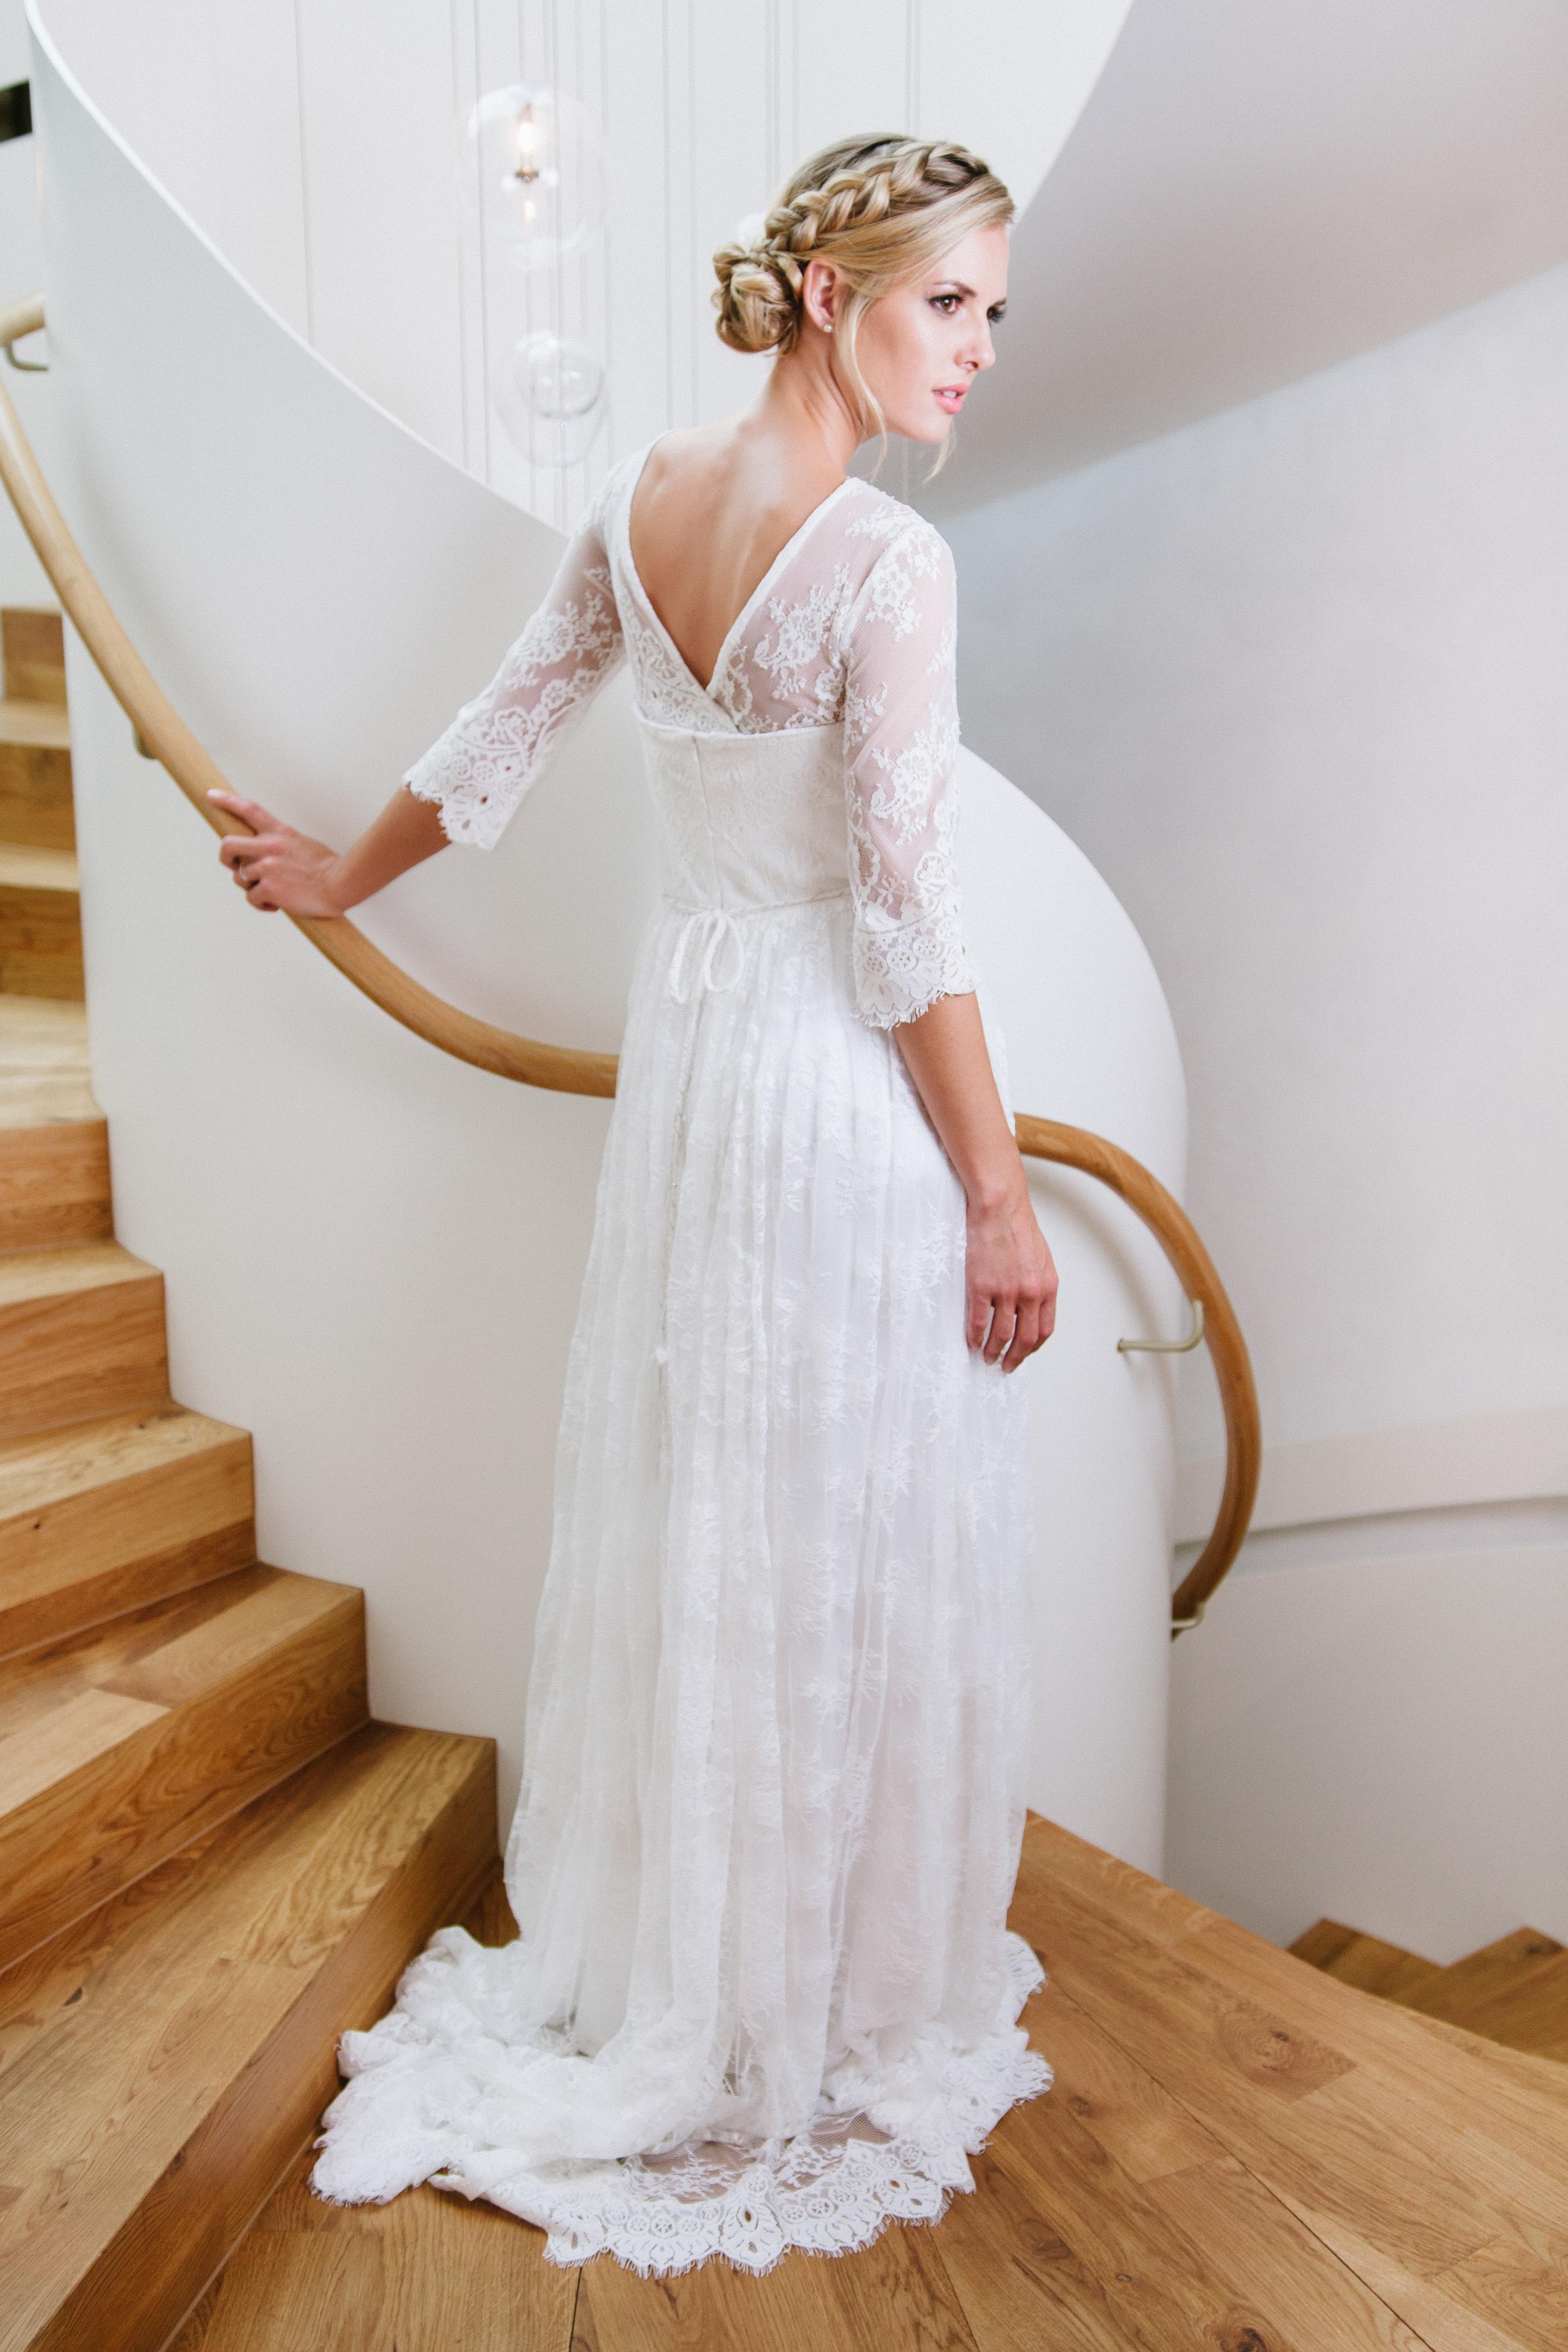 Das küssdiebraut Brautkleid 2018 - Heiraten & Hochzeit